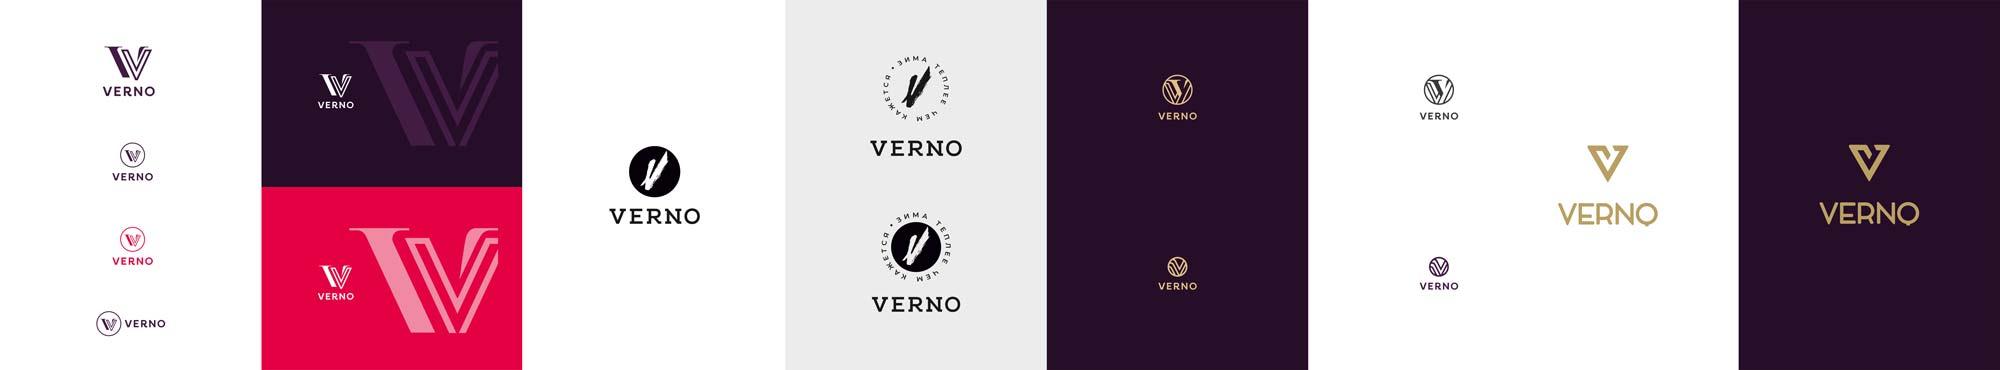 Создание бренда одежды. создание эскизов логотипа